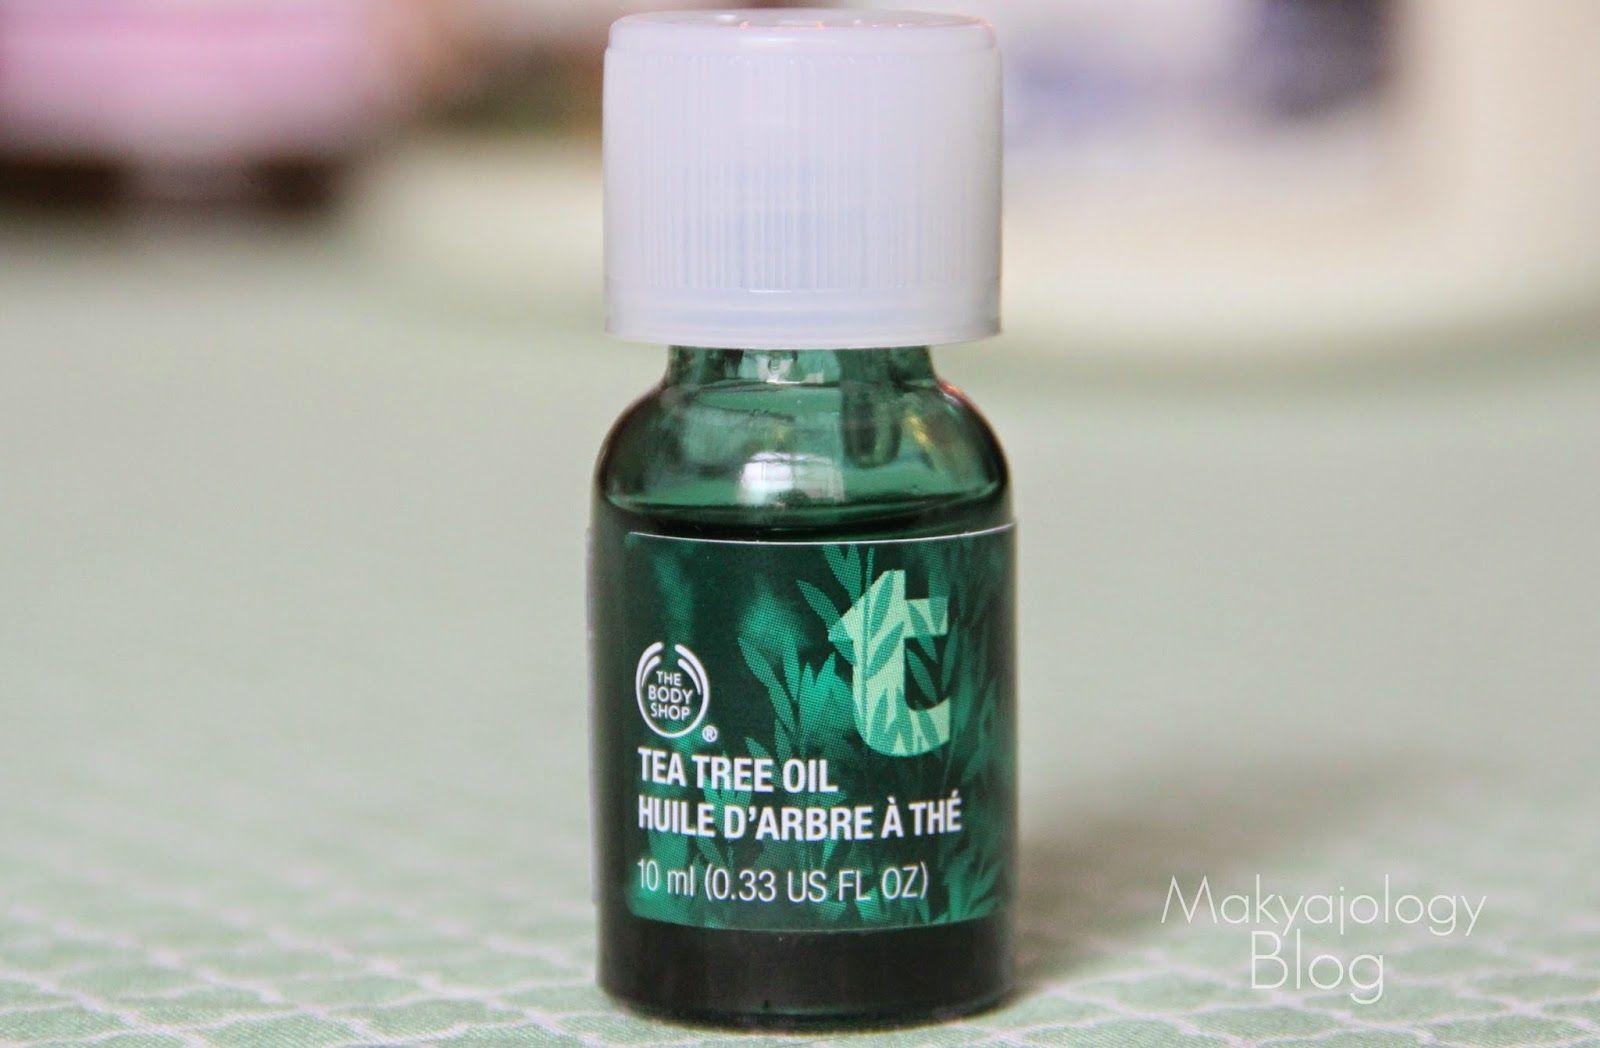 Makyajology مكياجولوجي طريقتي في الحمام المغربي في البيت Tea Tree Oil Oils Tree Oil